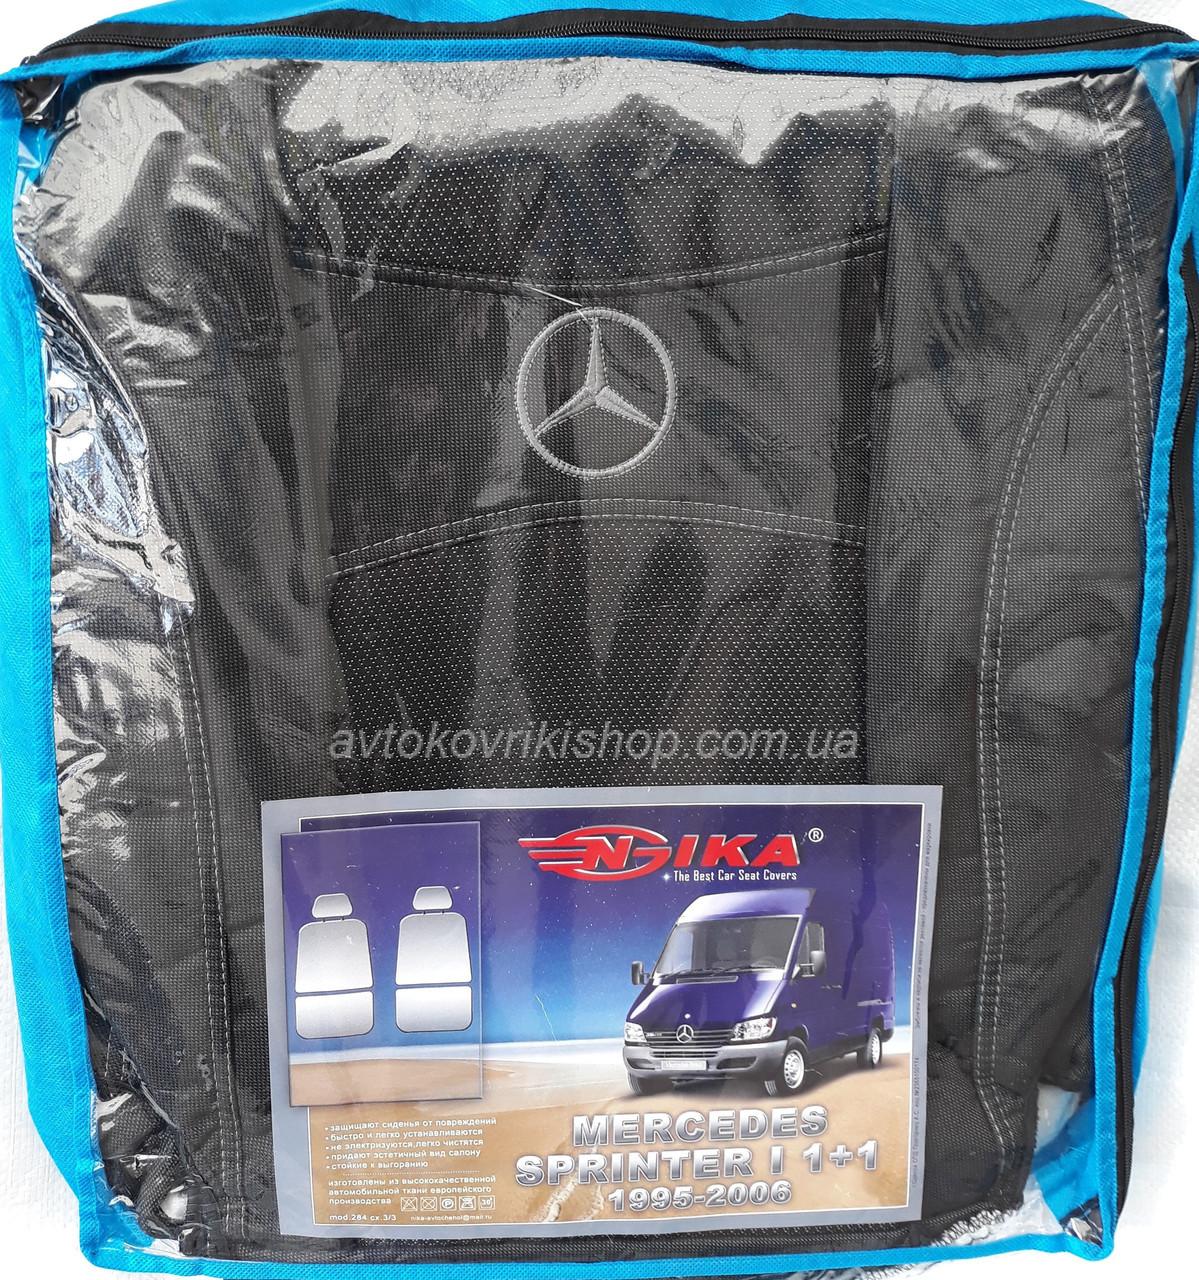 Авточехлы Mercedes Sprinter I 1+1 1995-2006 Nika